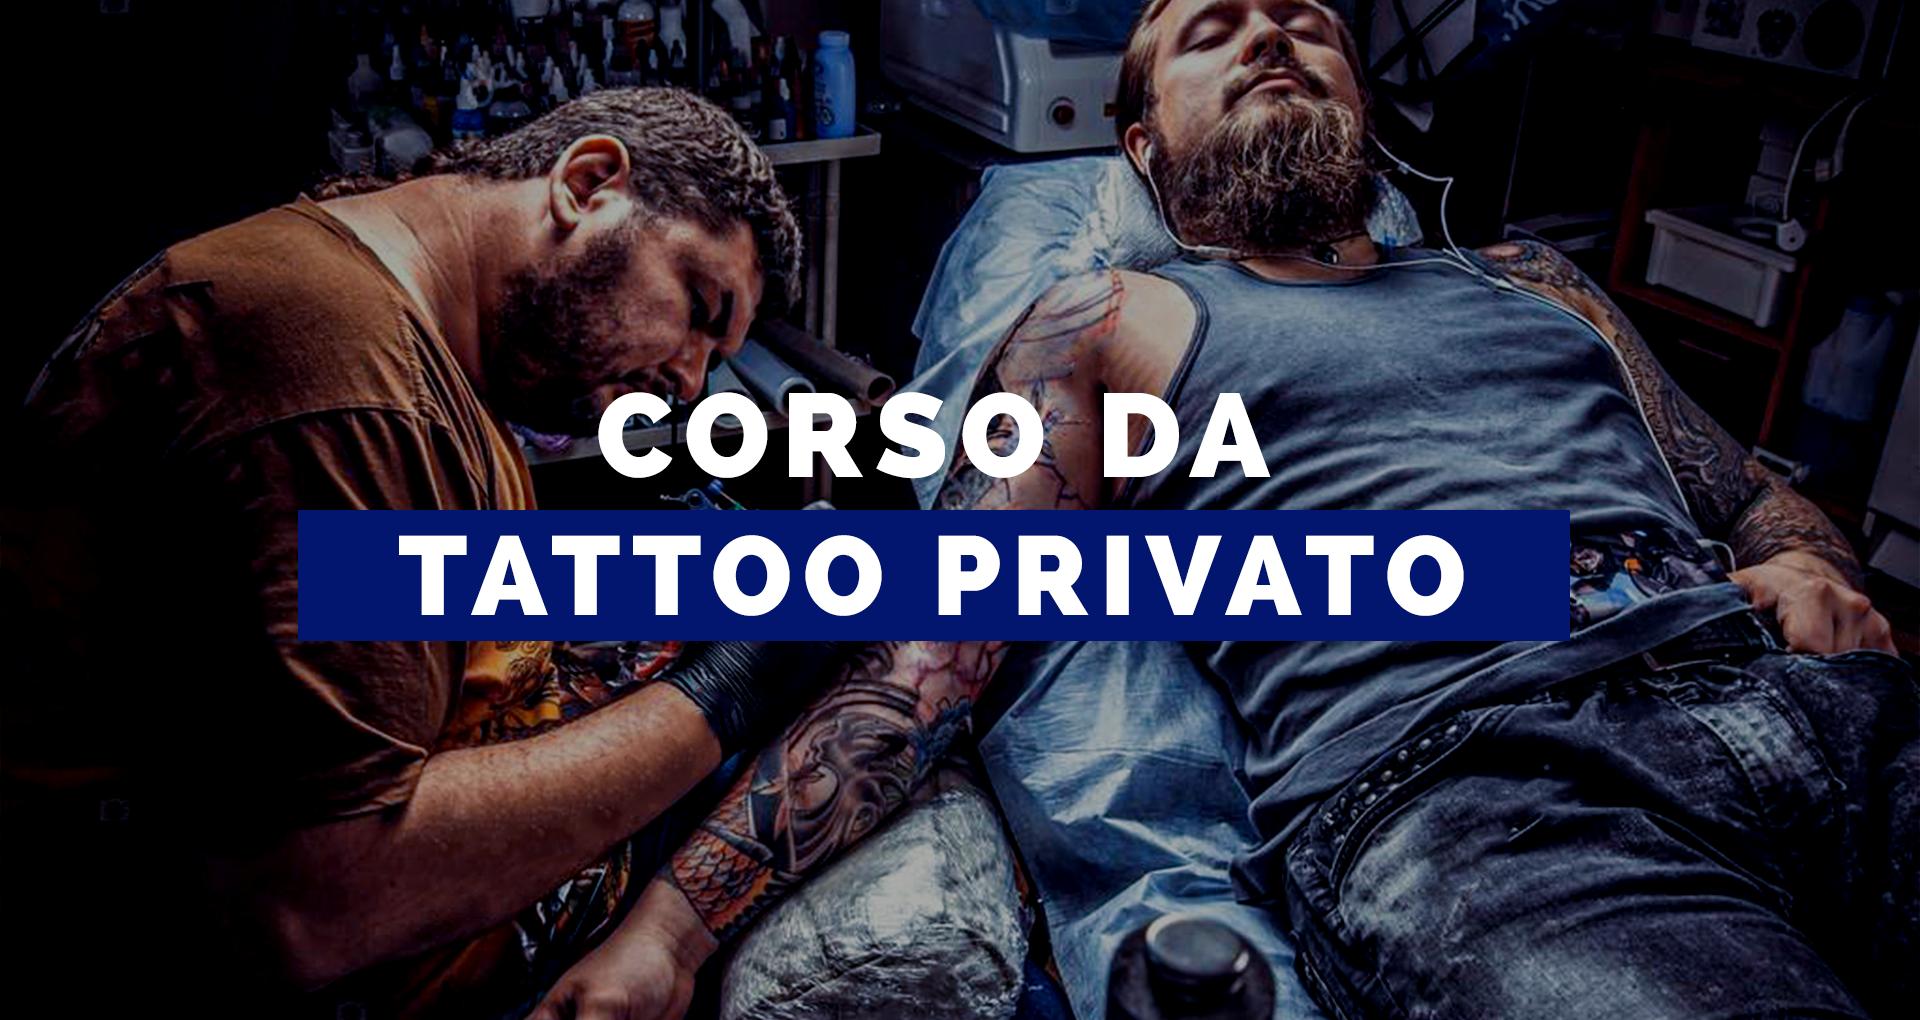 Tattoo Privato